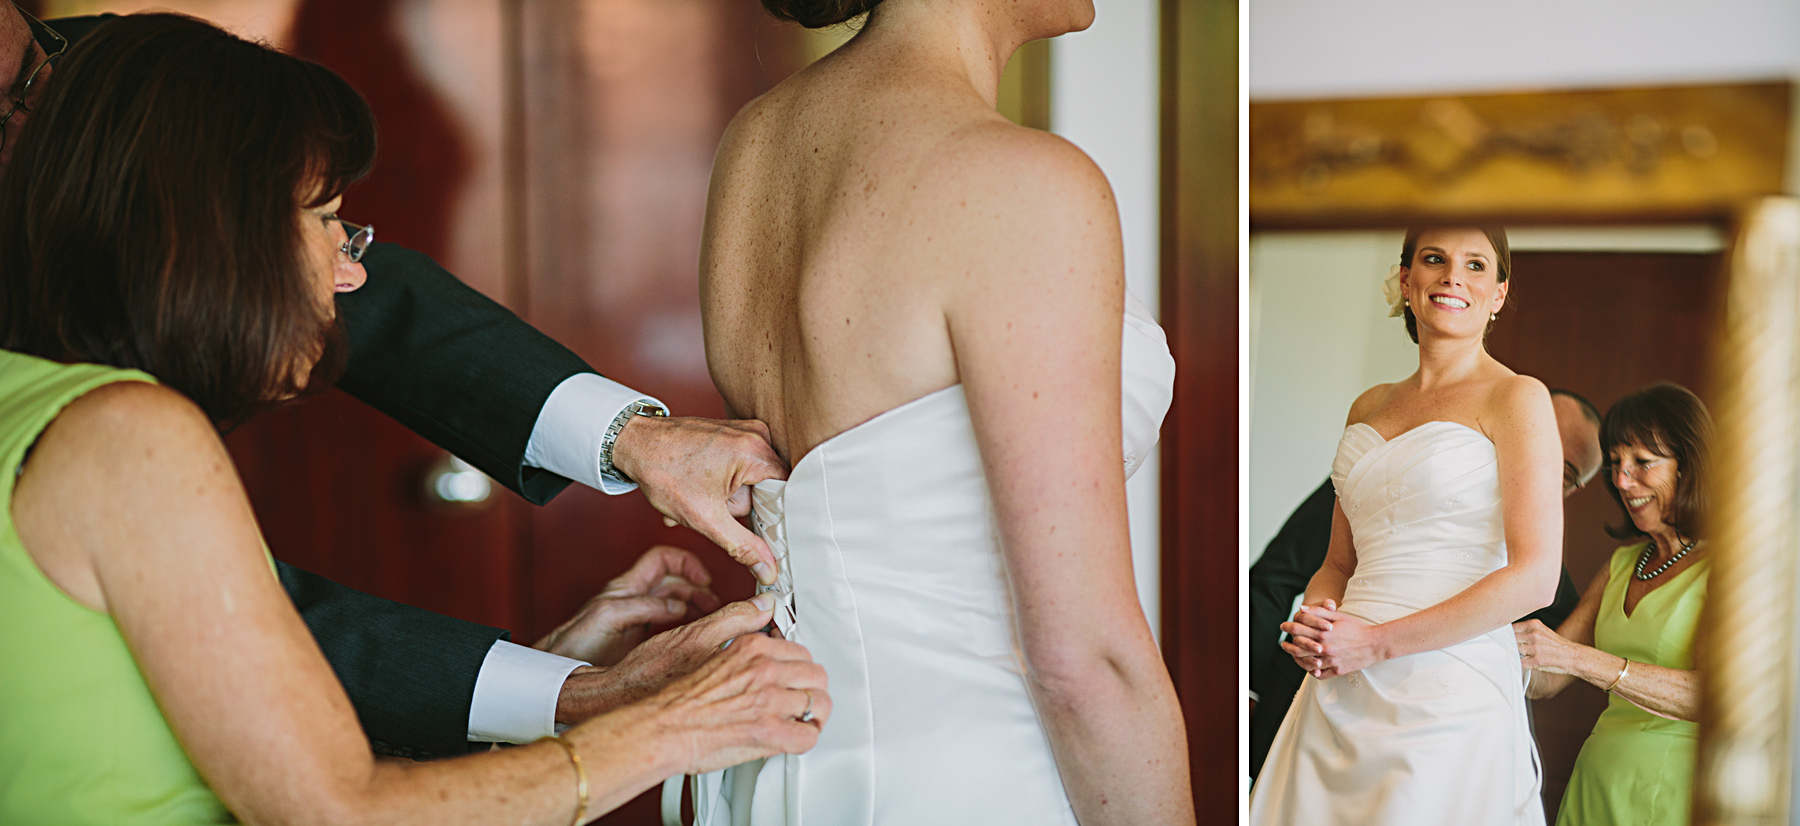 föräldrar hjälper bruden klä p sig klänningen